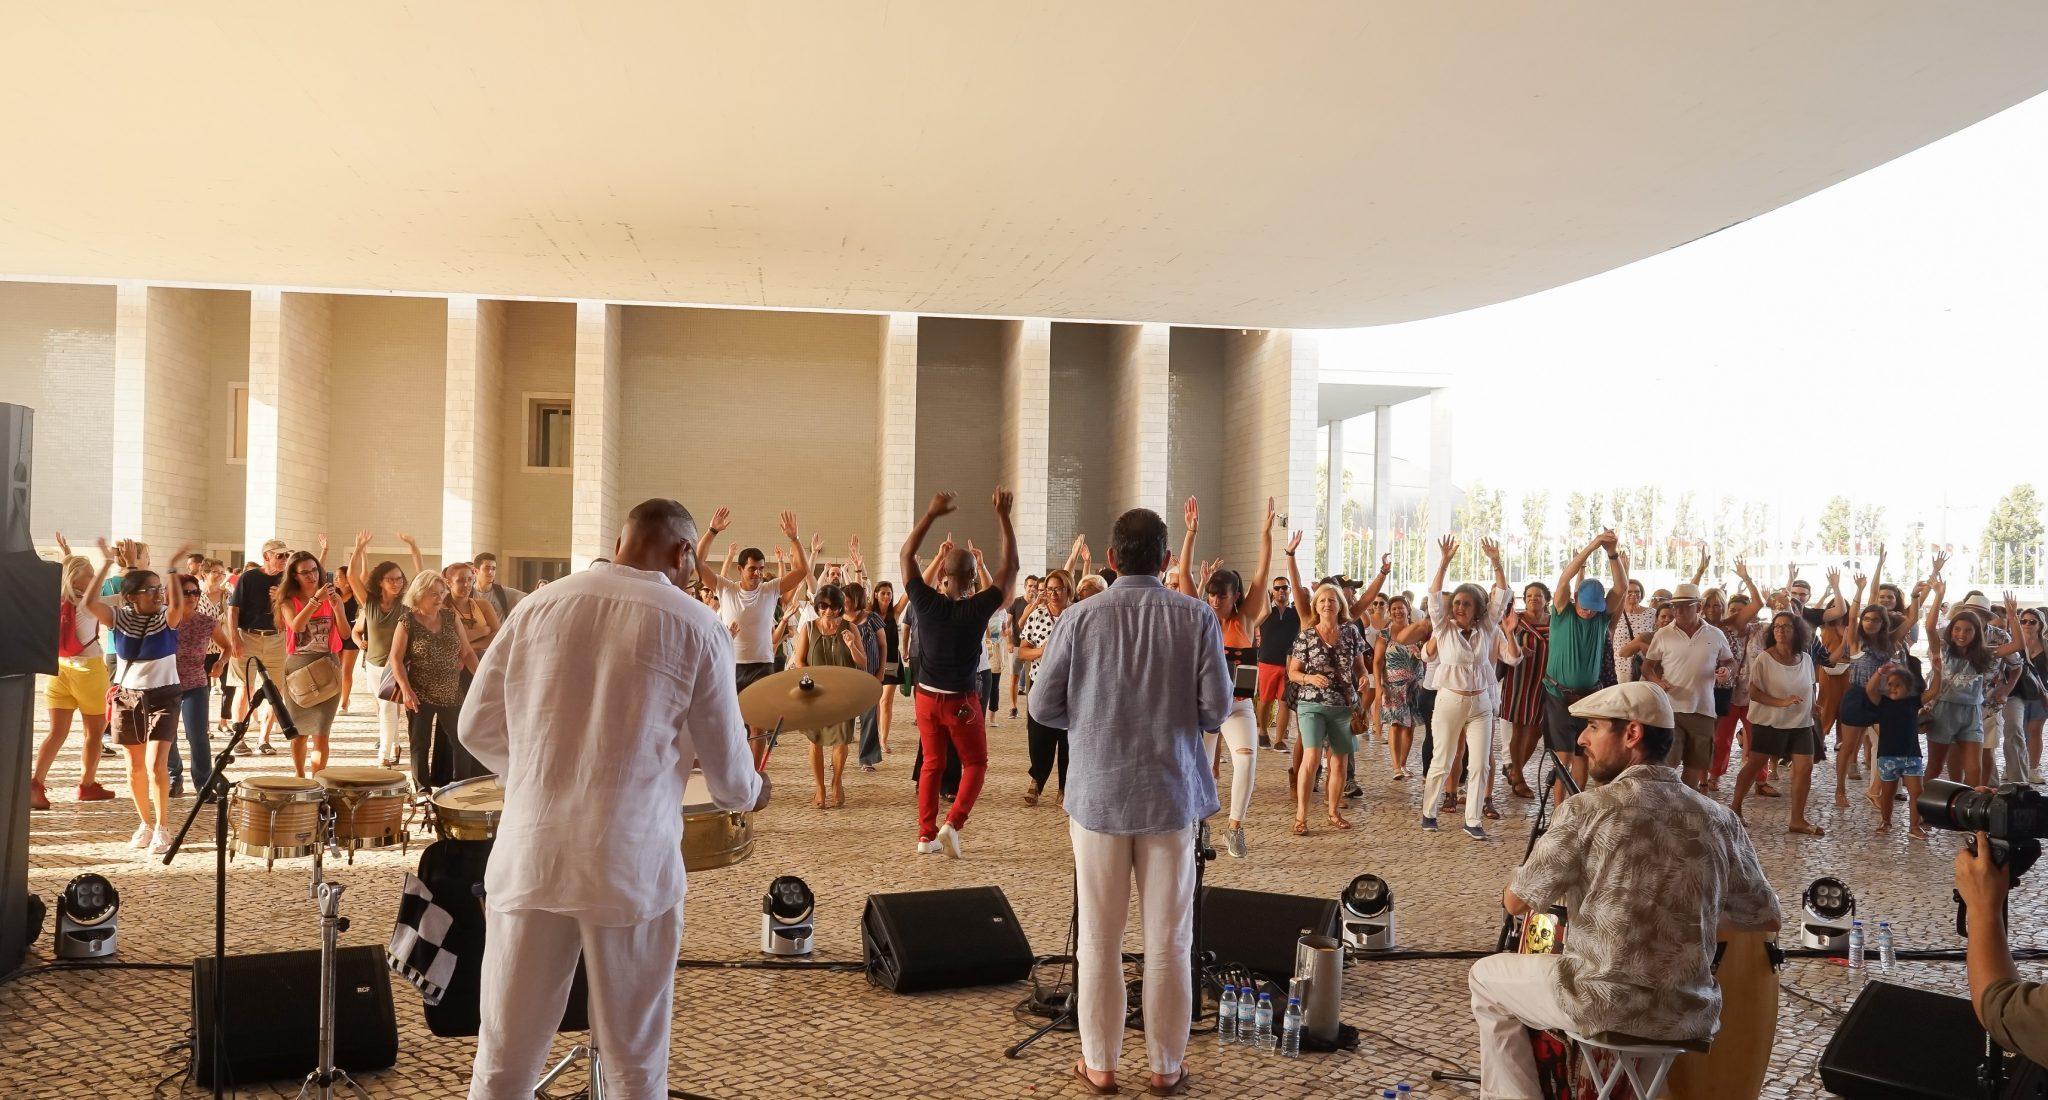 Pessoas a dançar, seguindo os passos de um homem, ao som dos ritmos tocados pelos músicos em primeiro plano, debaixo da pala do Pavilhão de Portugal no Parque das Nações